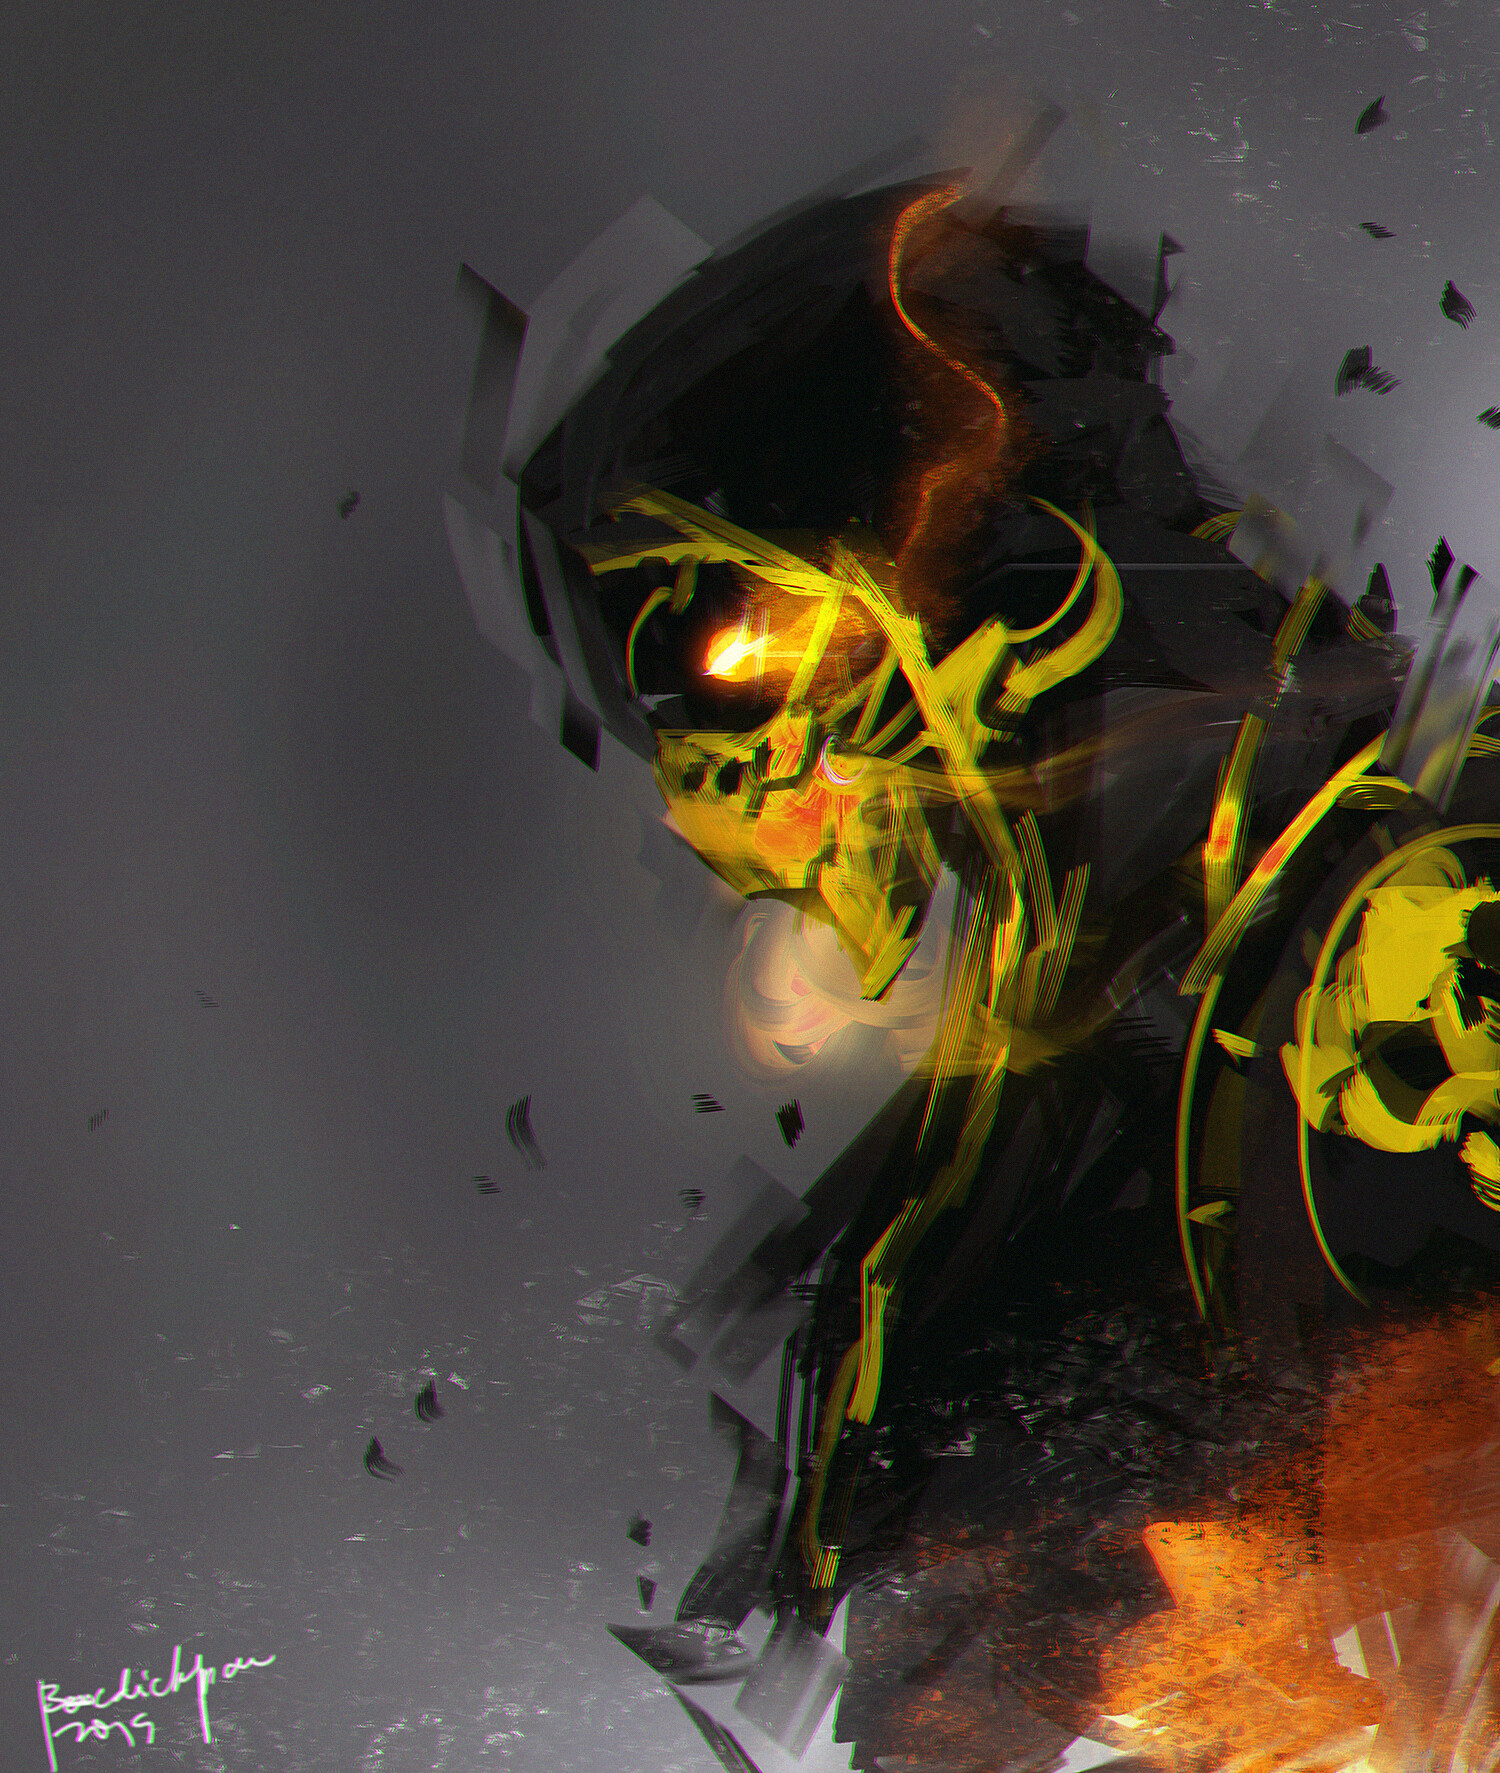 scorpion mortal kombat fan art